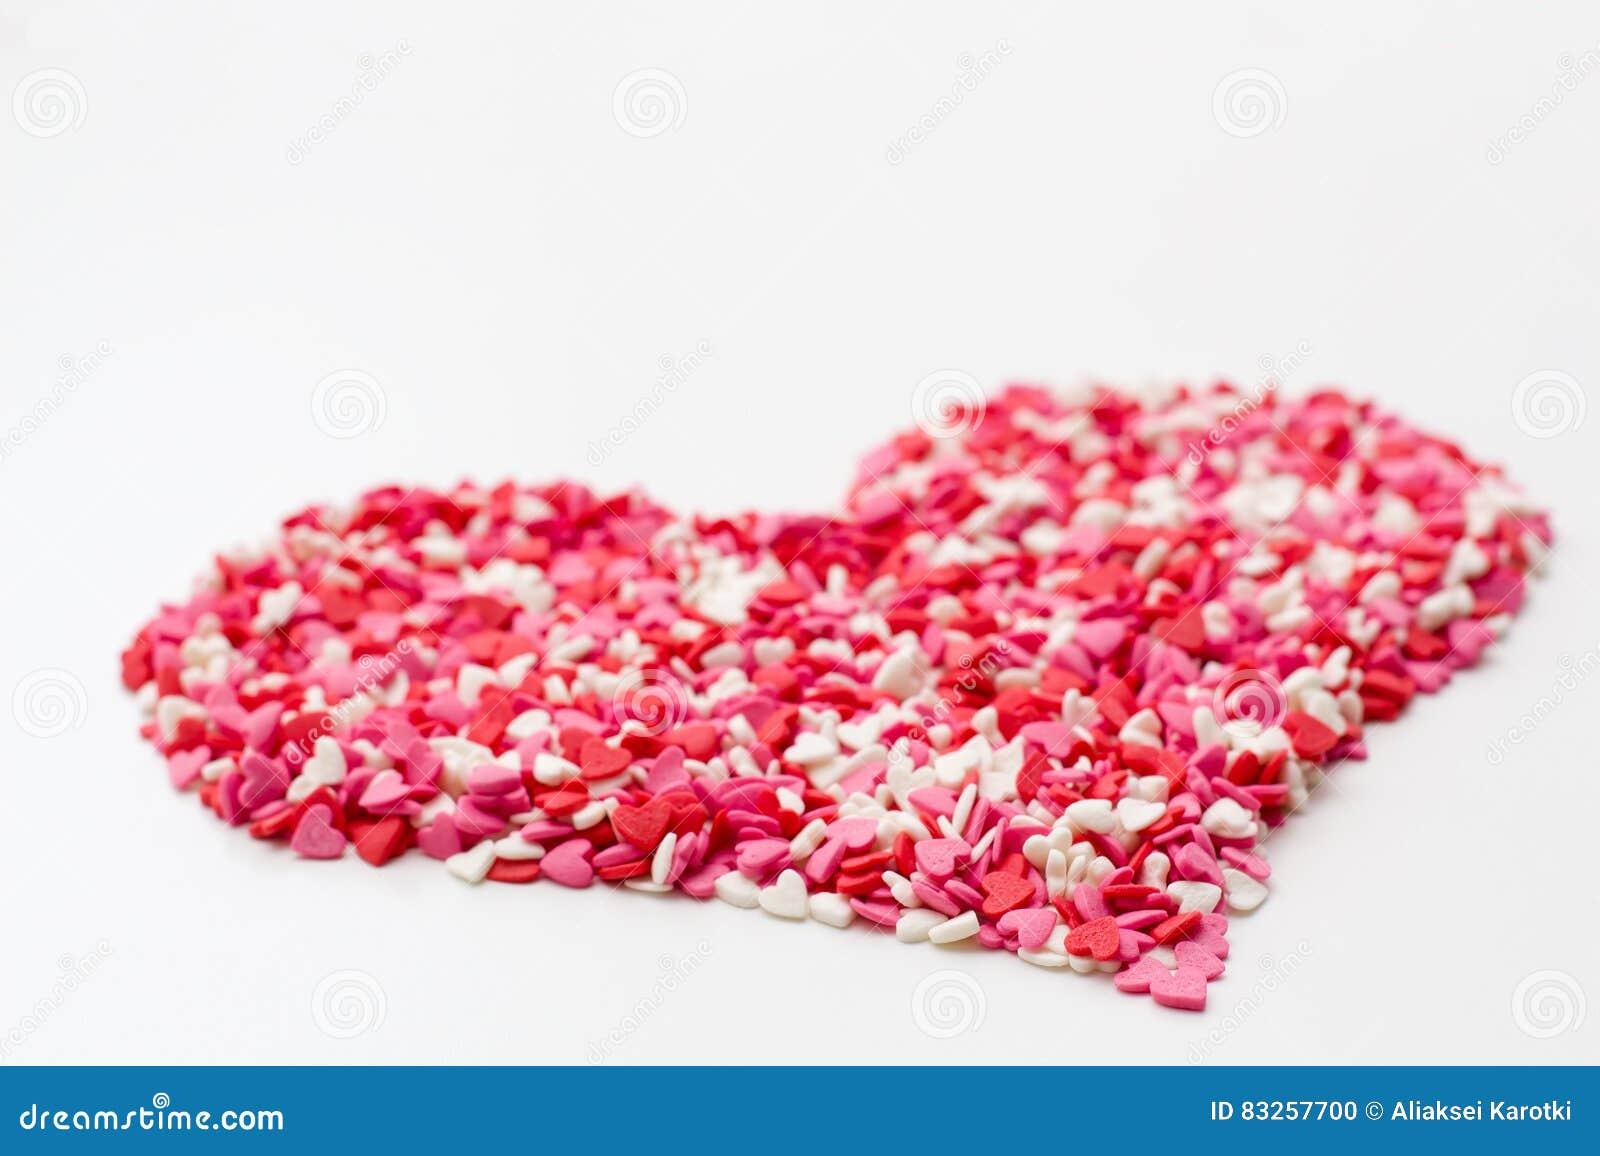 Fotografía De Feliz Día De San Valentín Corazón Hecho De Corazones Y